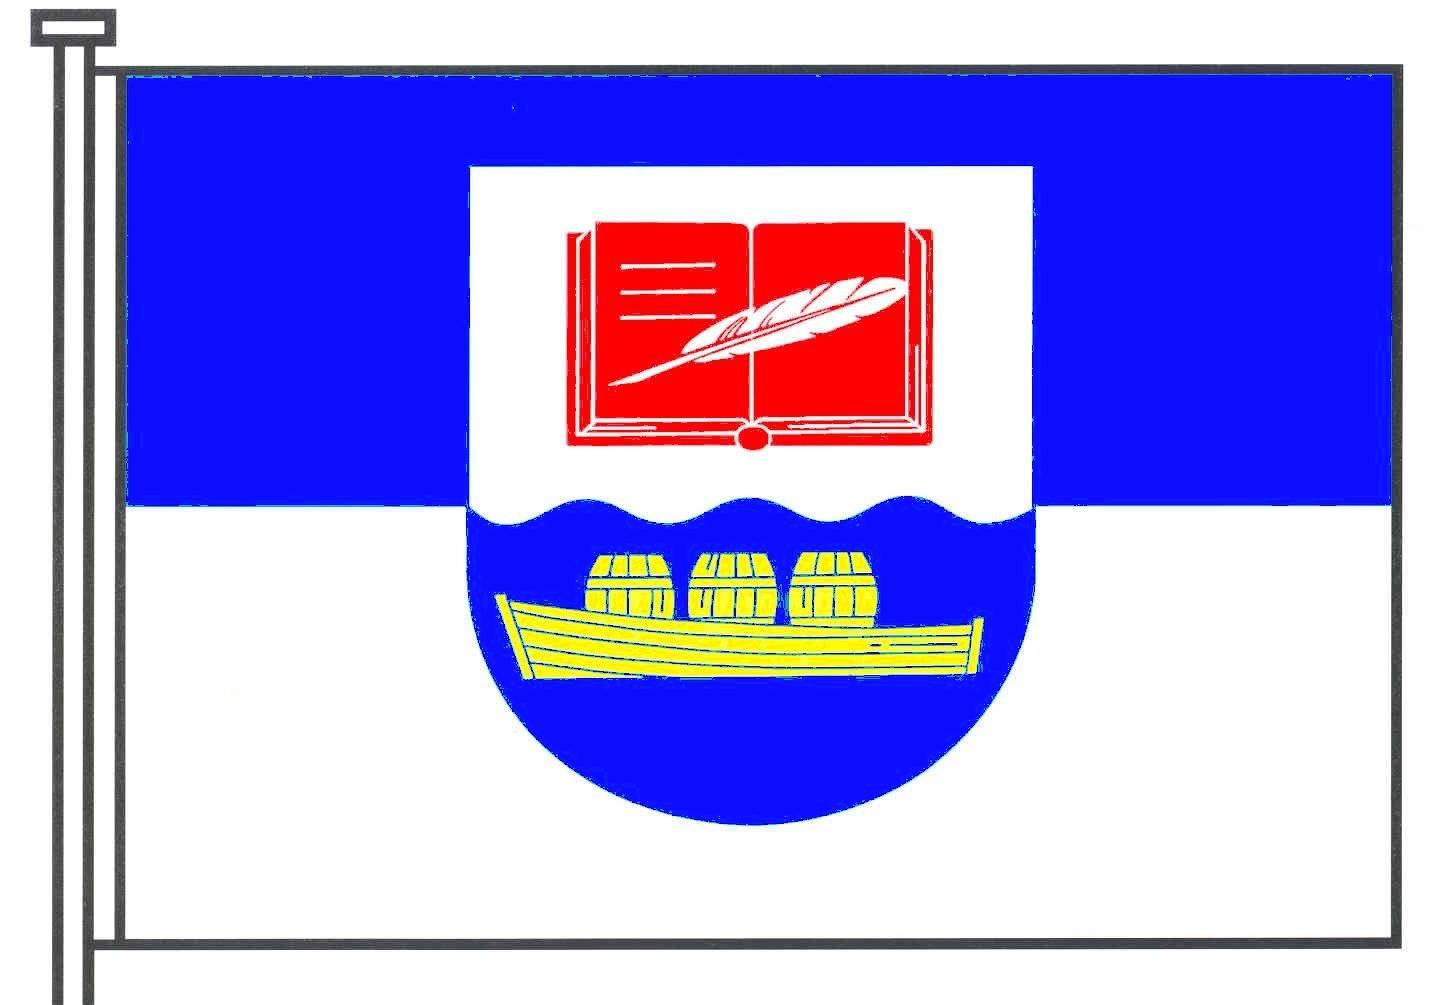 Flagge GemeindeBargfeld-Stegen, Kreis Stormarn